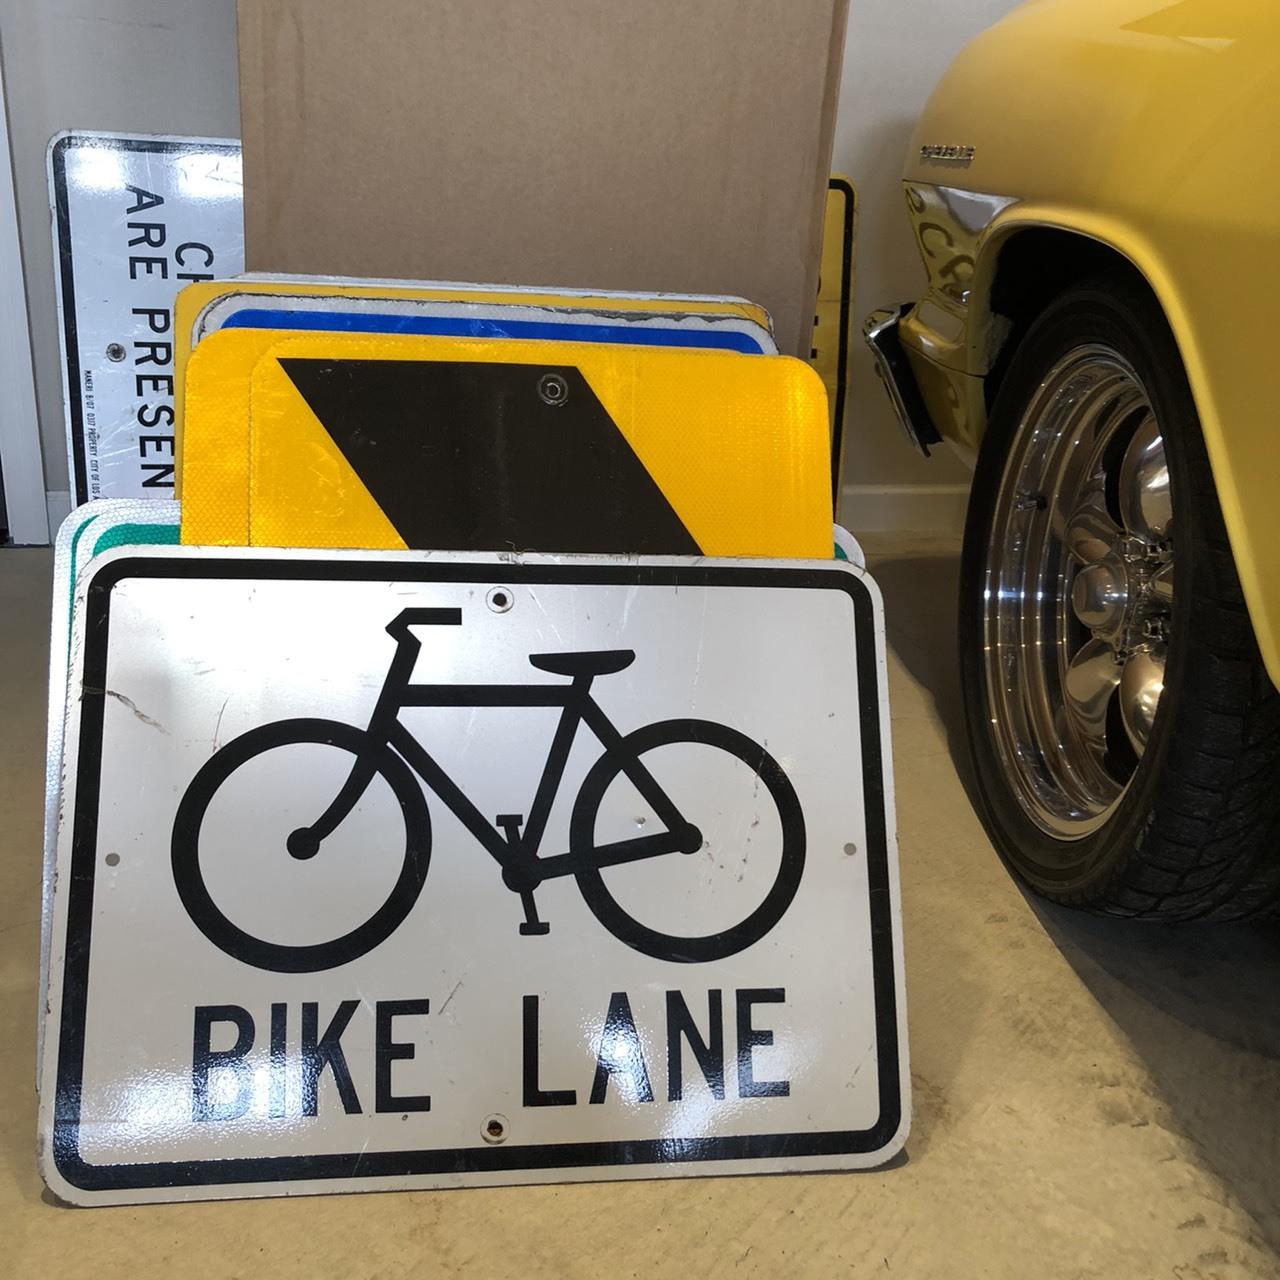 BIKE LANE 1 アメリカンロードサイン トラフィックサイン 道路標識